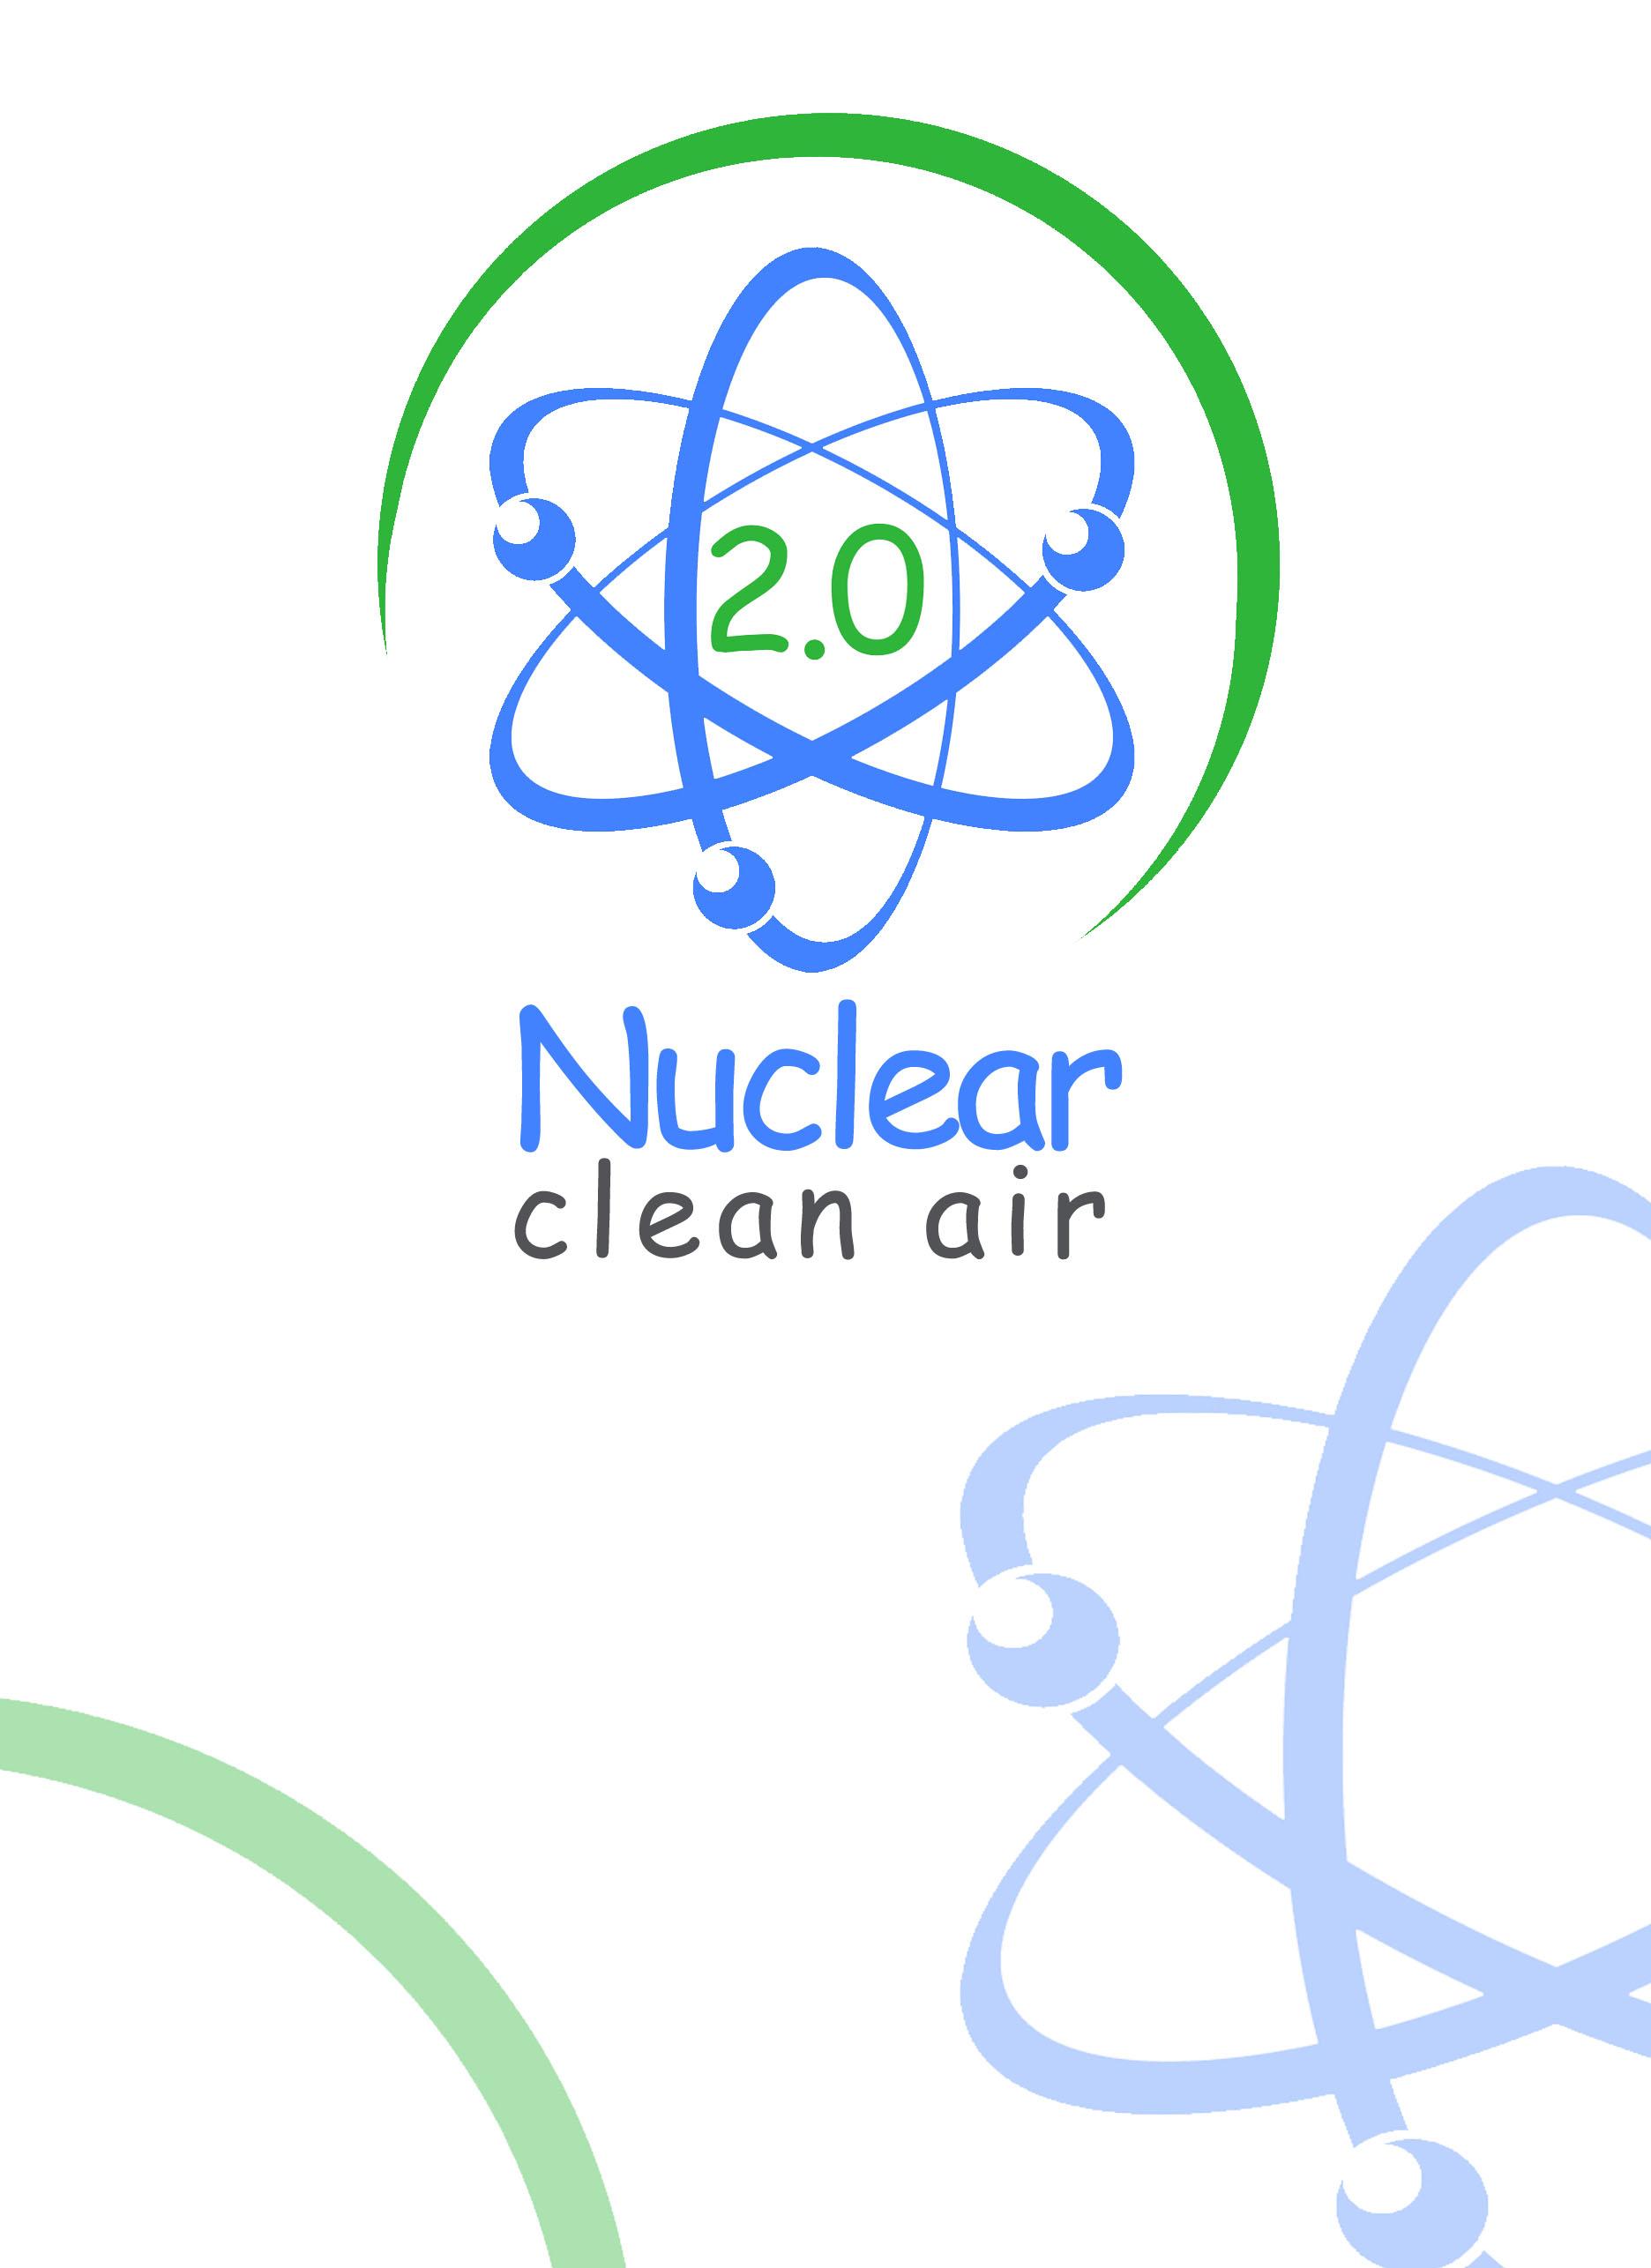 """Фирменный стиль для научного портала """"Атомная энергия 2.0"""" фото f_13859e261c637b3e.jpg"""